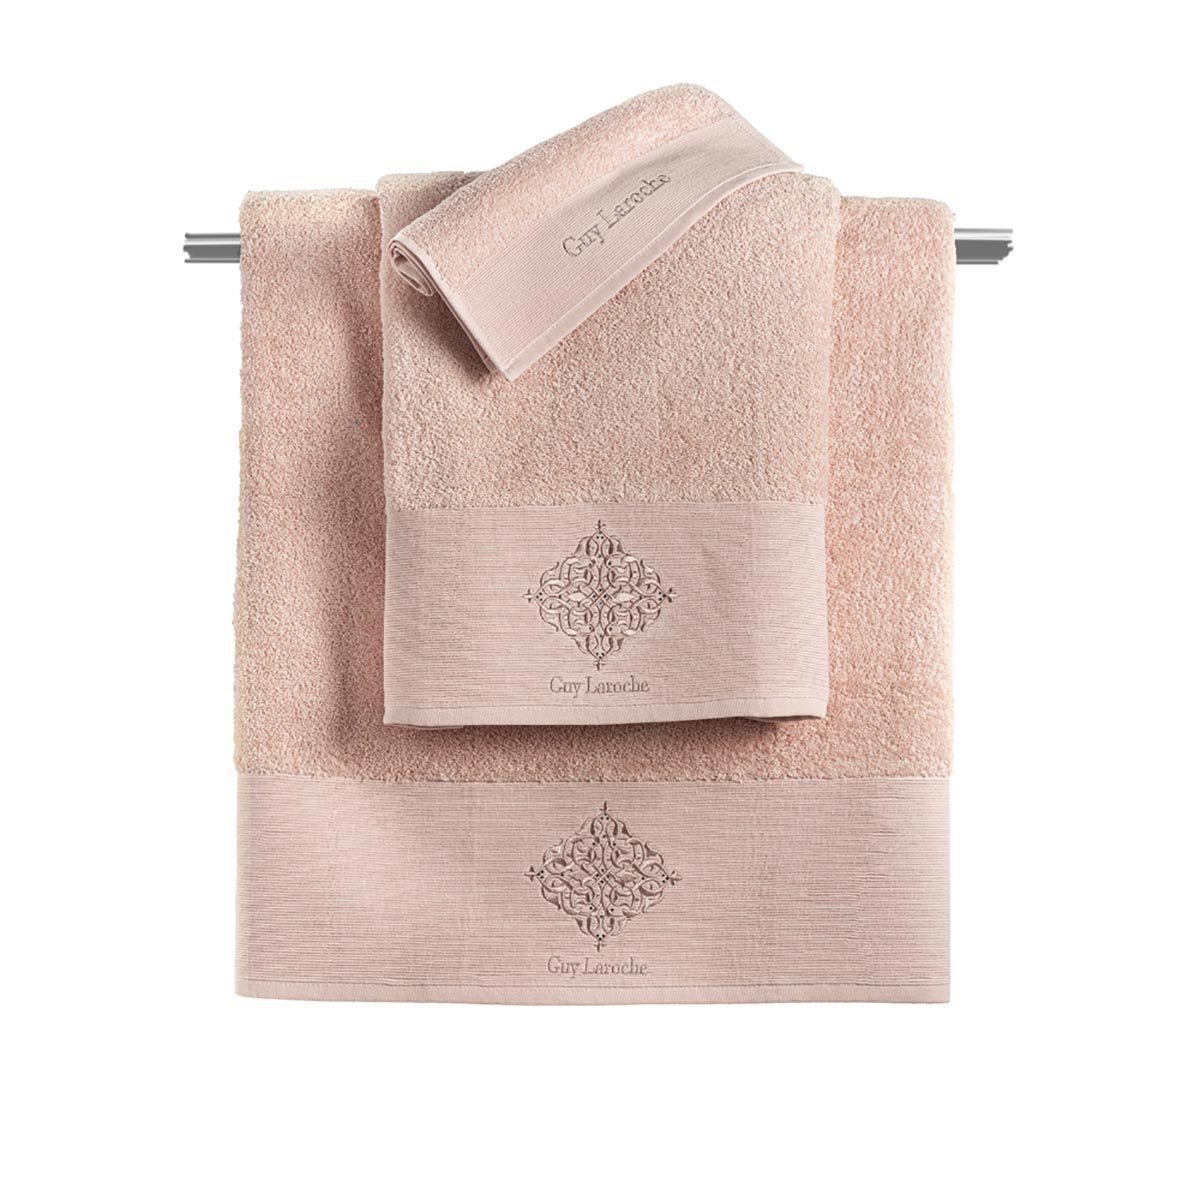 Πετσέτες Μπάνιου (Σετ 3τμχ) Guy Laroche Callista Old Pink